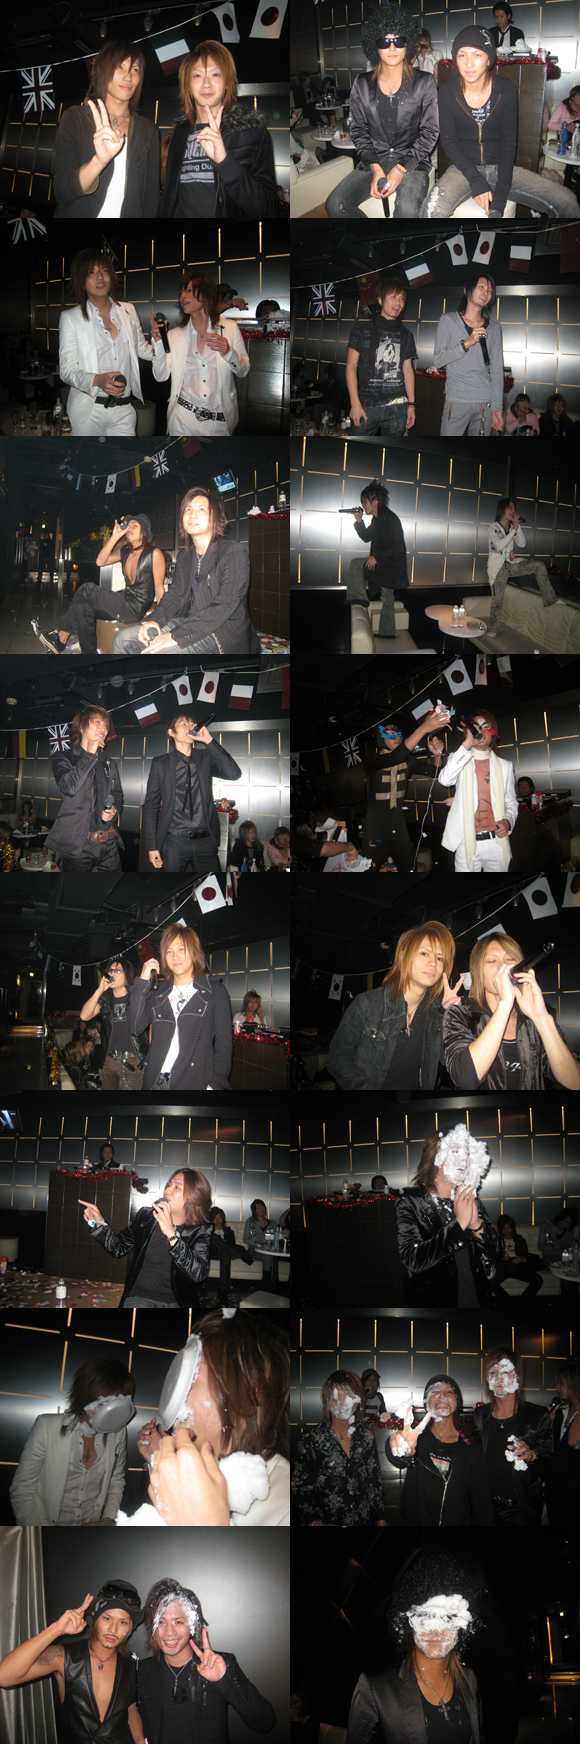 歌舞伎町のホストクラブ、エアーグループの3号店、AAAでカラオケ大会が行われました!